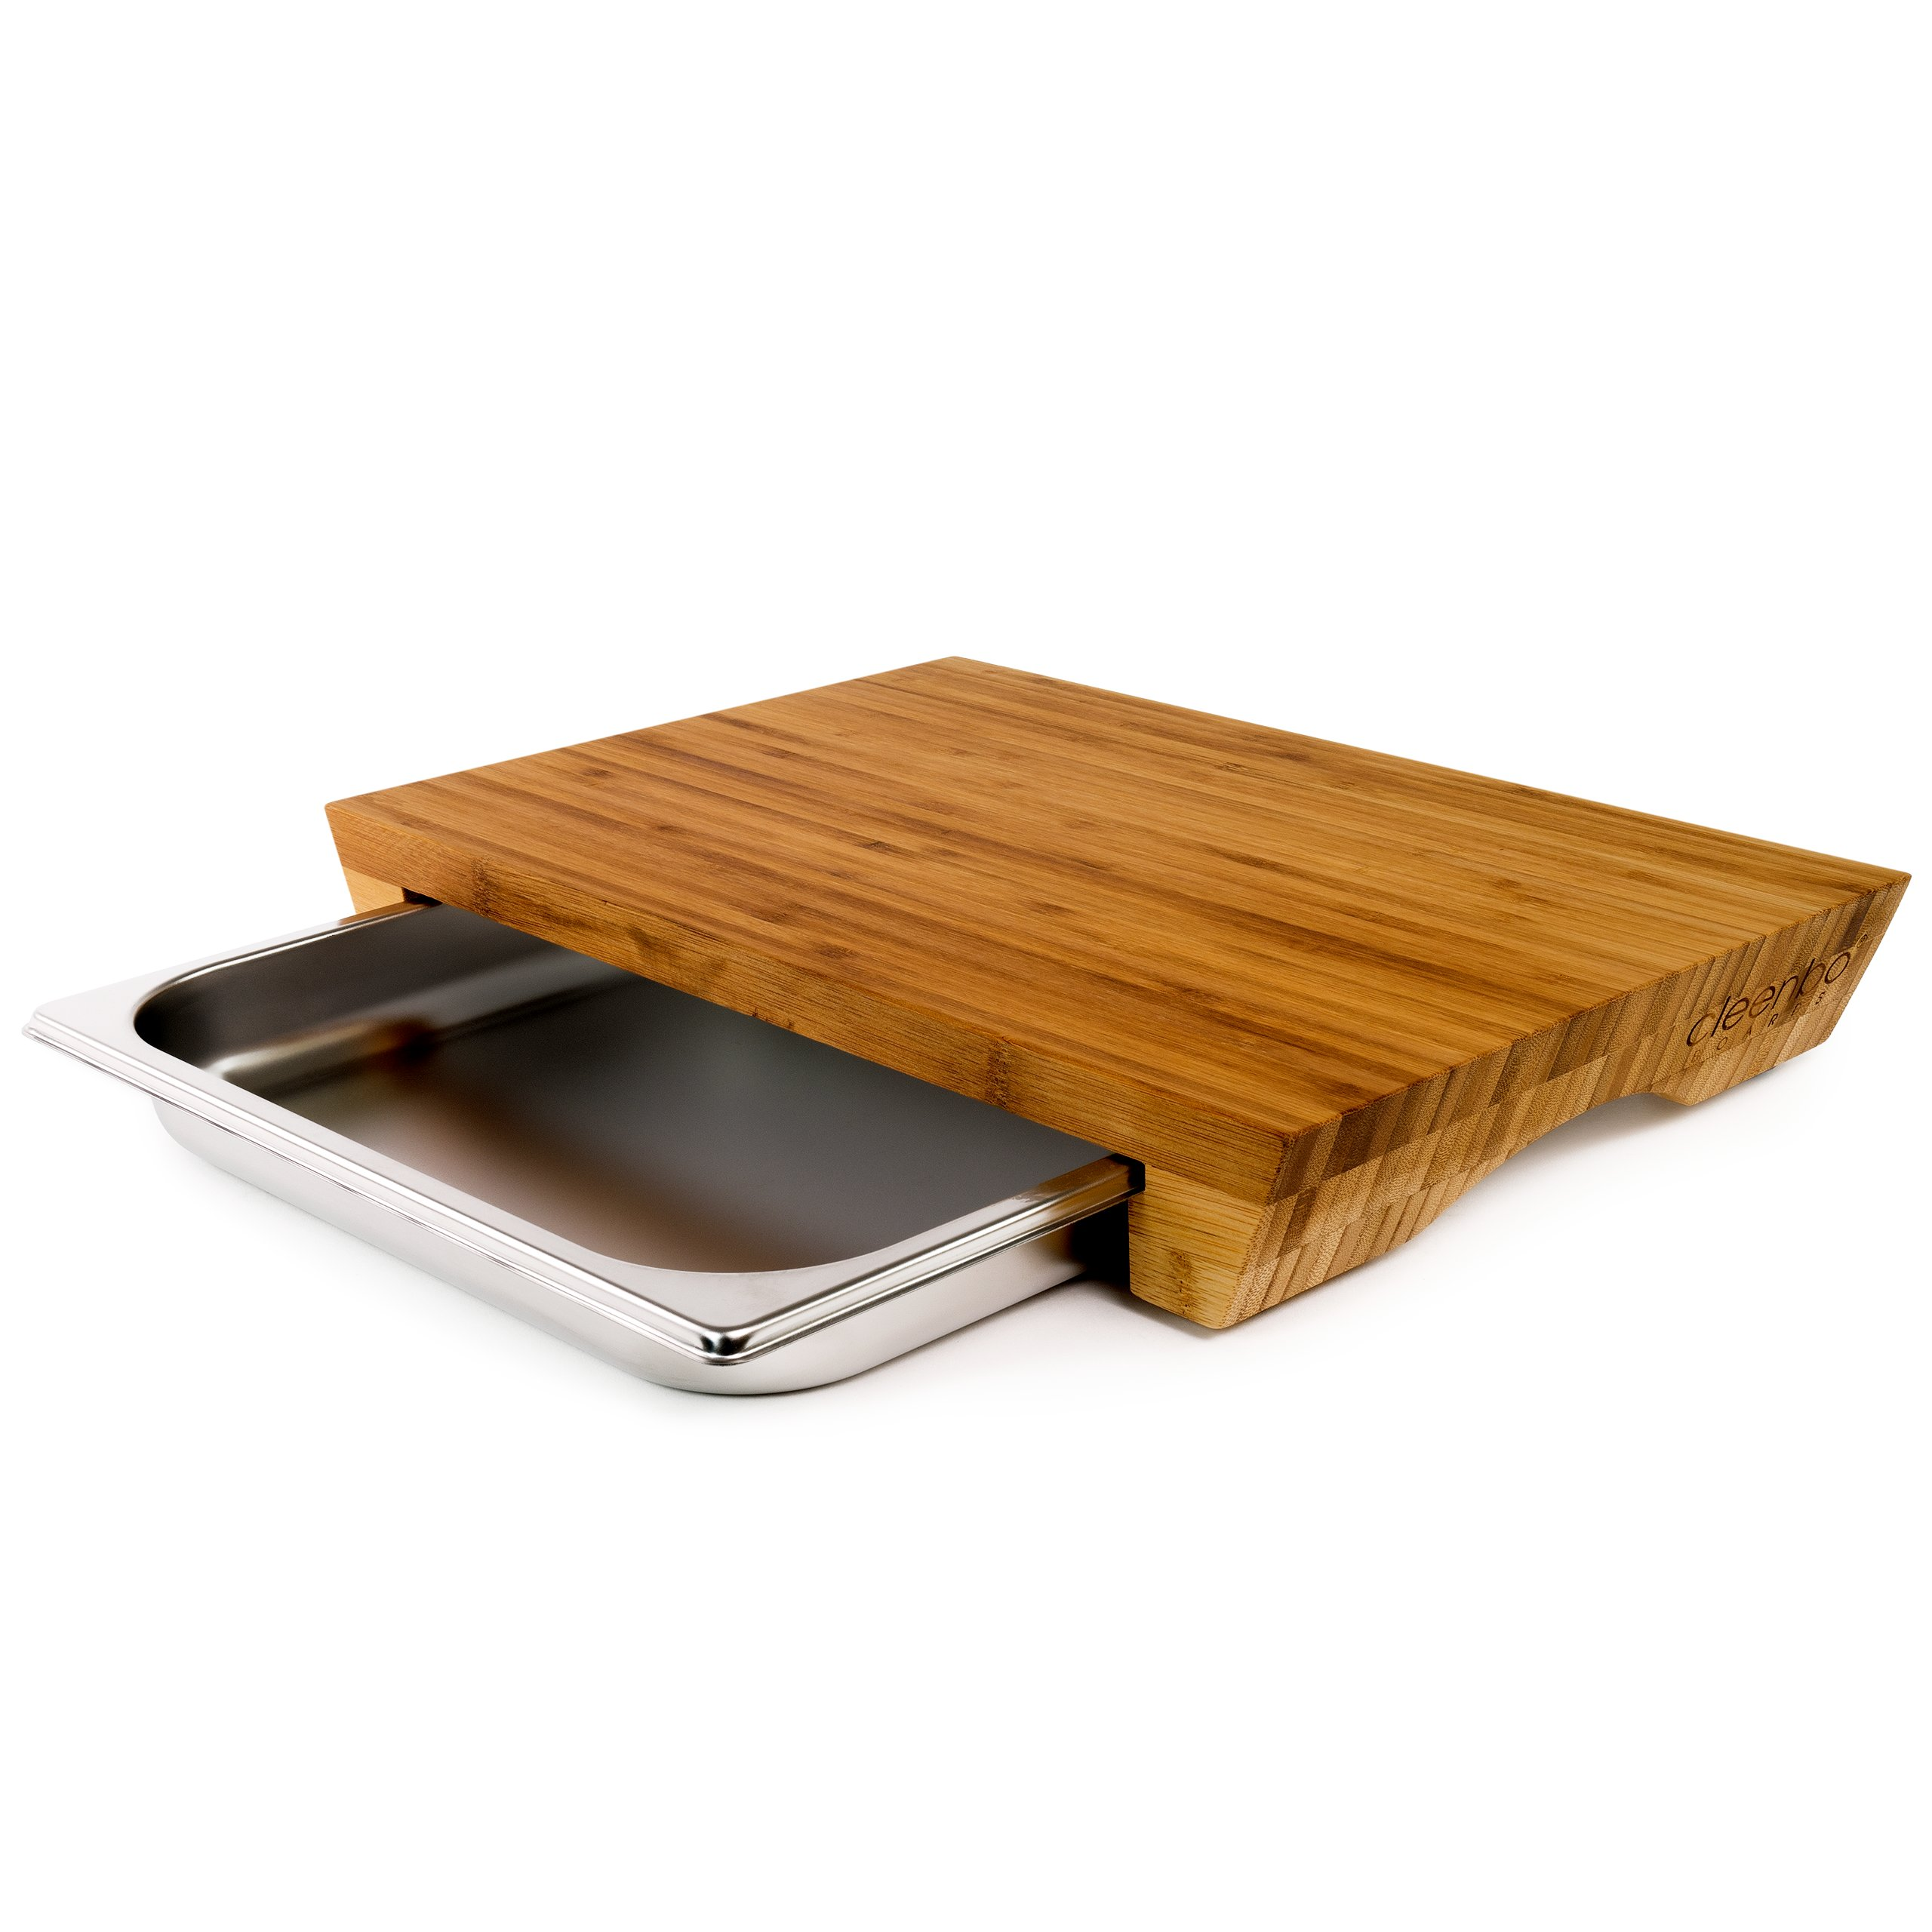 stylisches cleenbo bambus schneidebrett mit auffangwanne 59 90. Black Bedroom Furniture Sets. Home Design Ideas